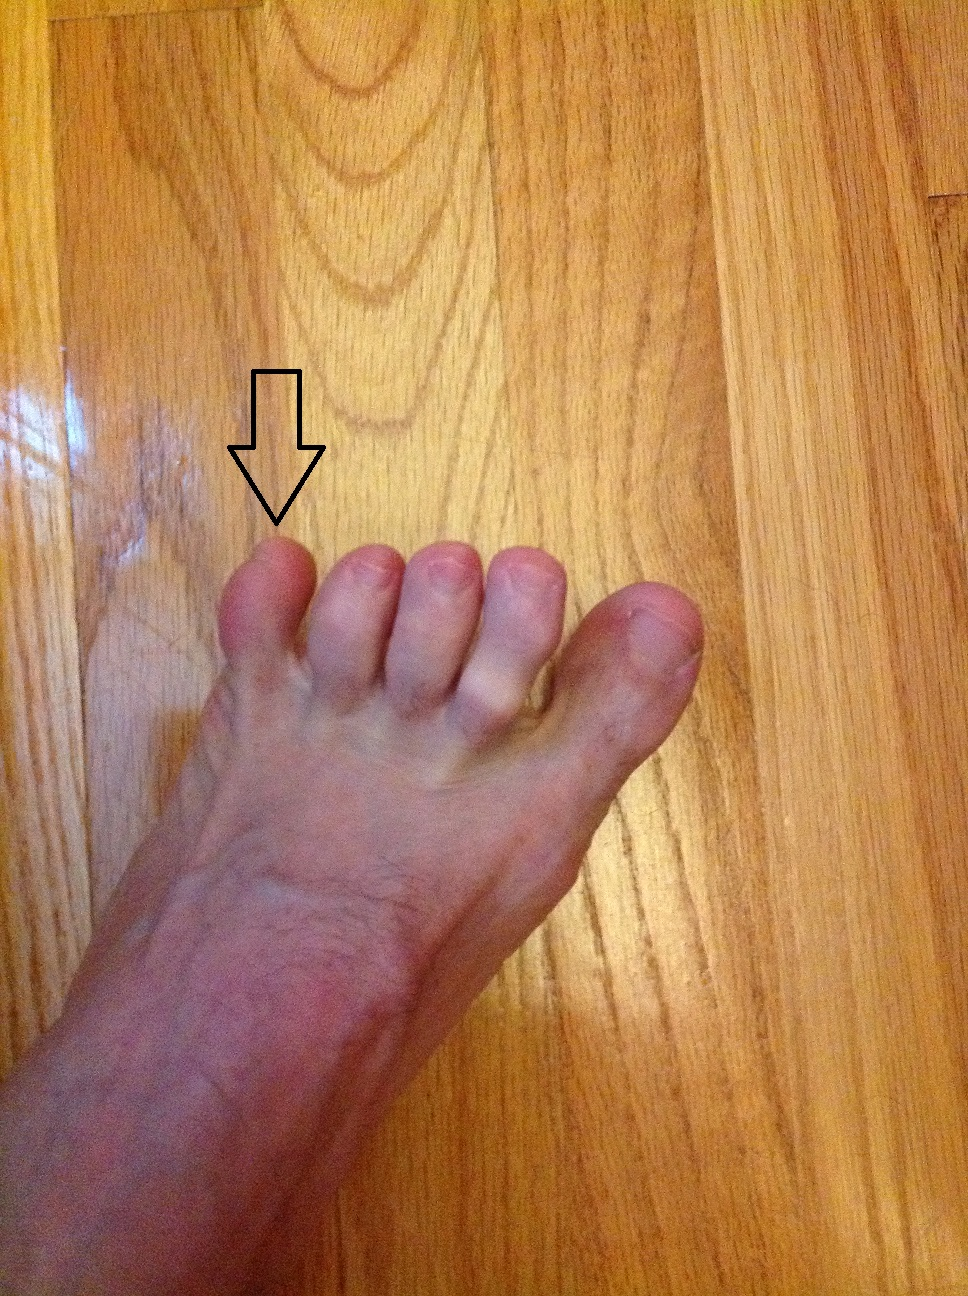 los dedos de los pies tienen nombre